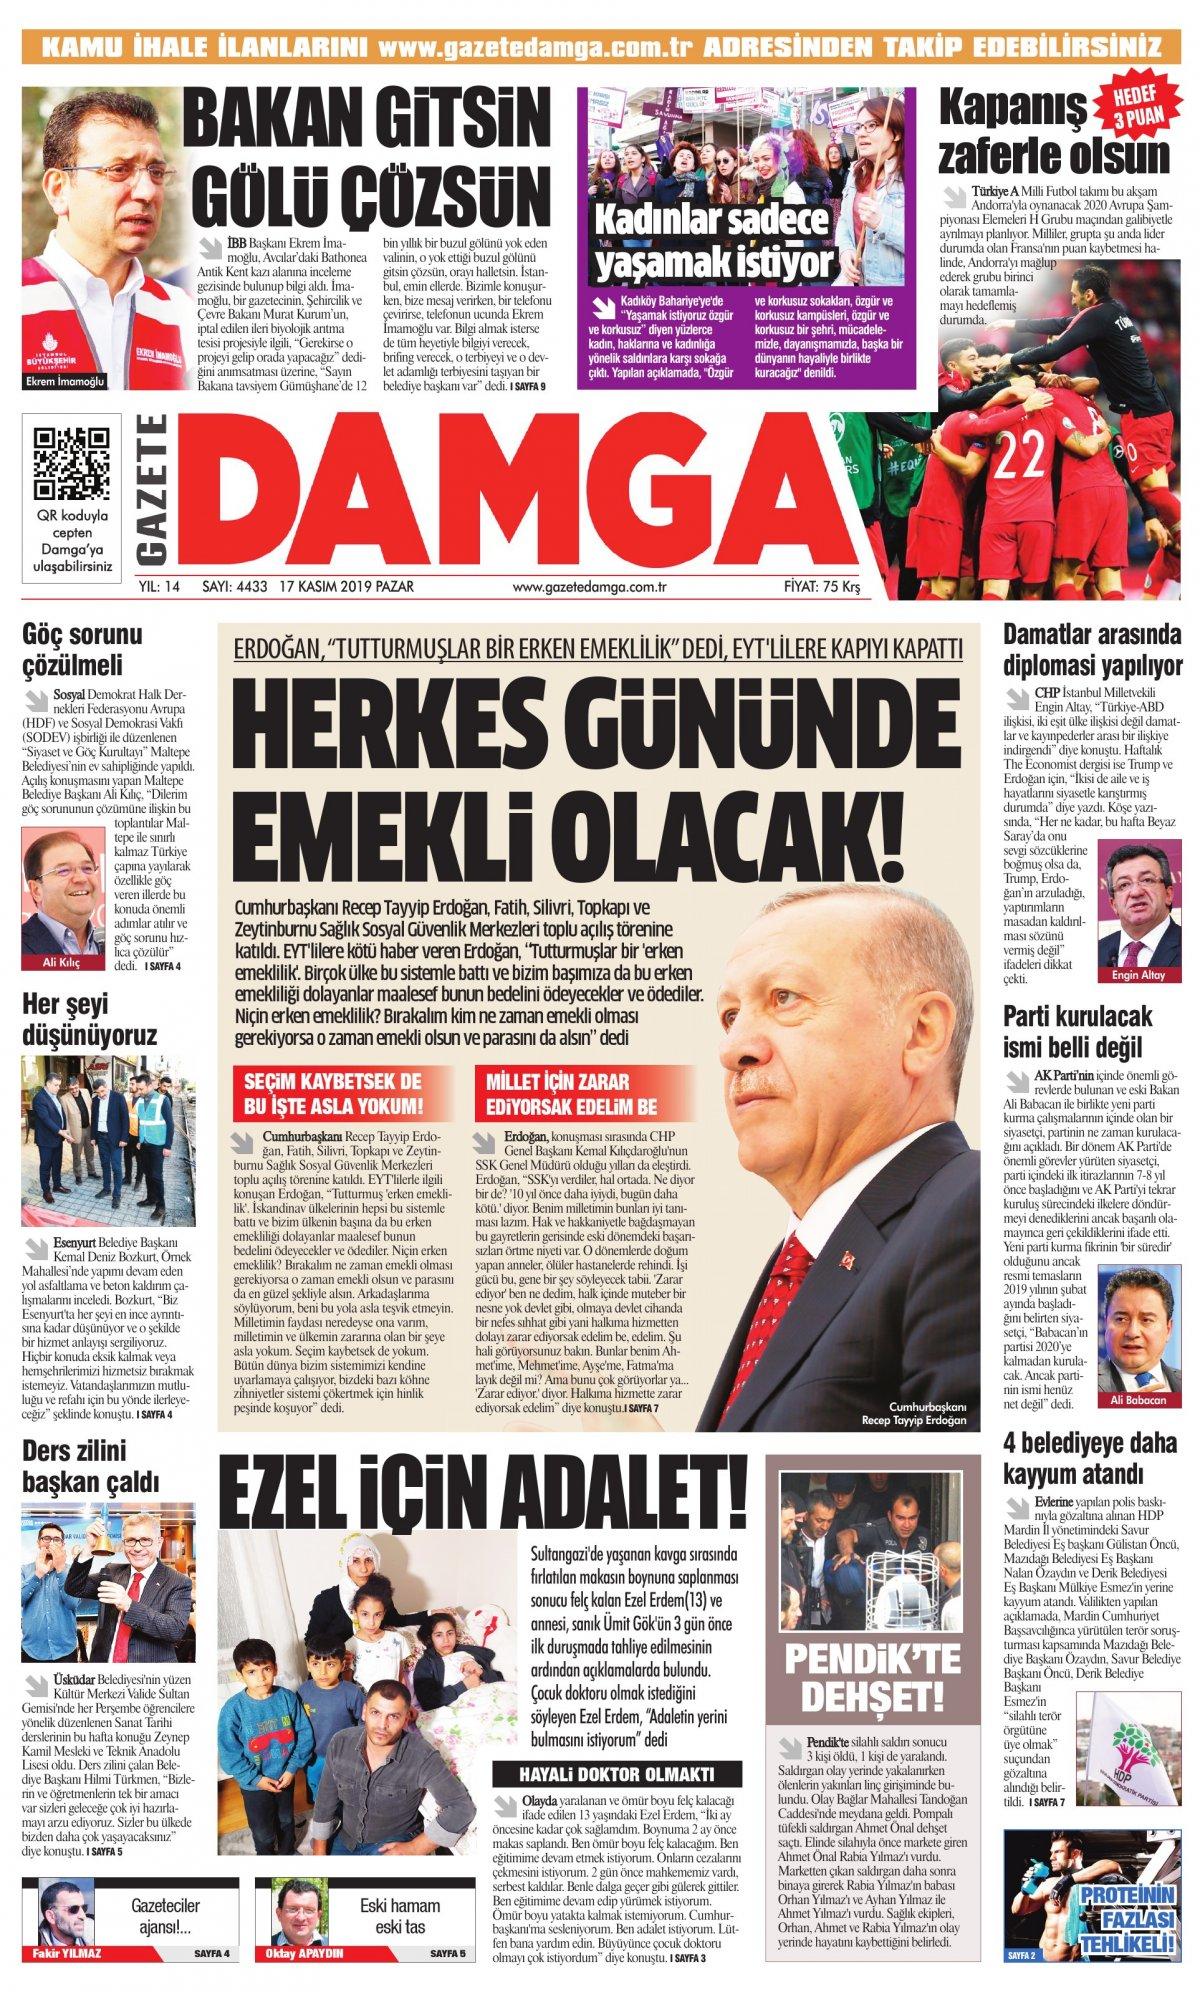 Gazete Damga - 17.11.2019 Sayfaları